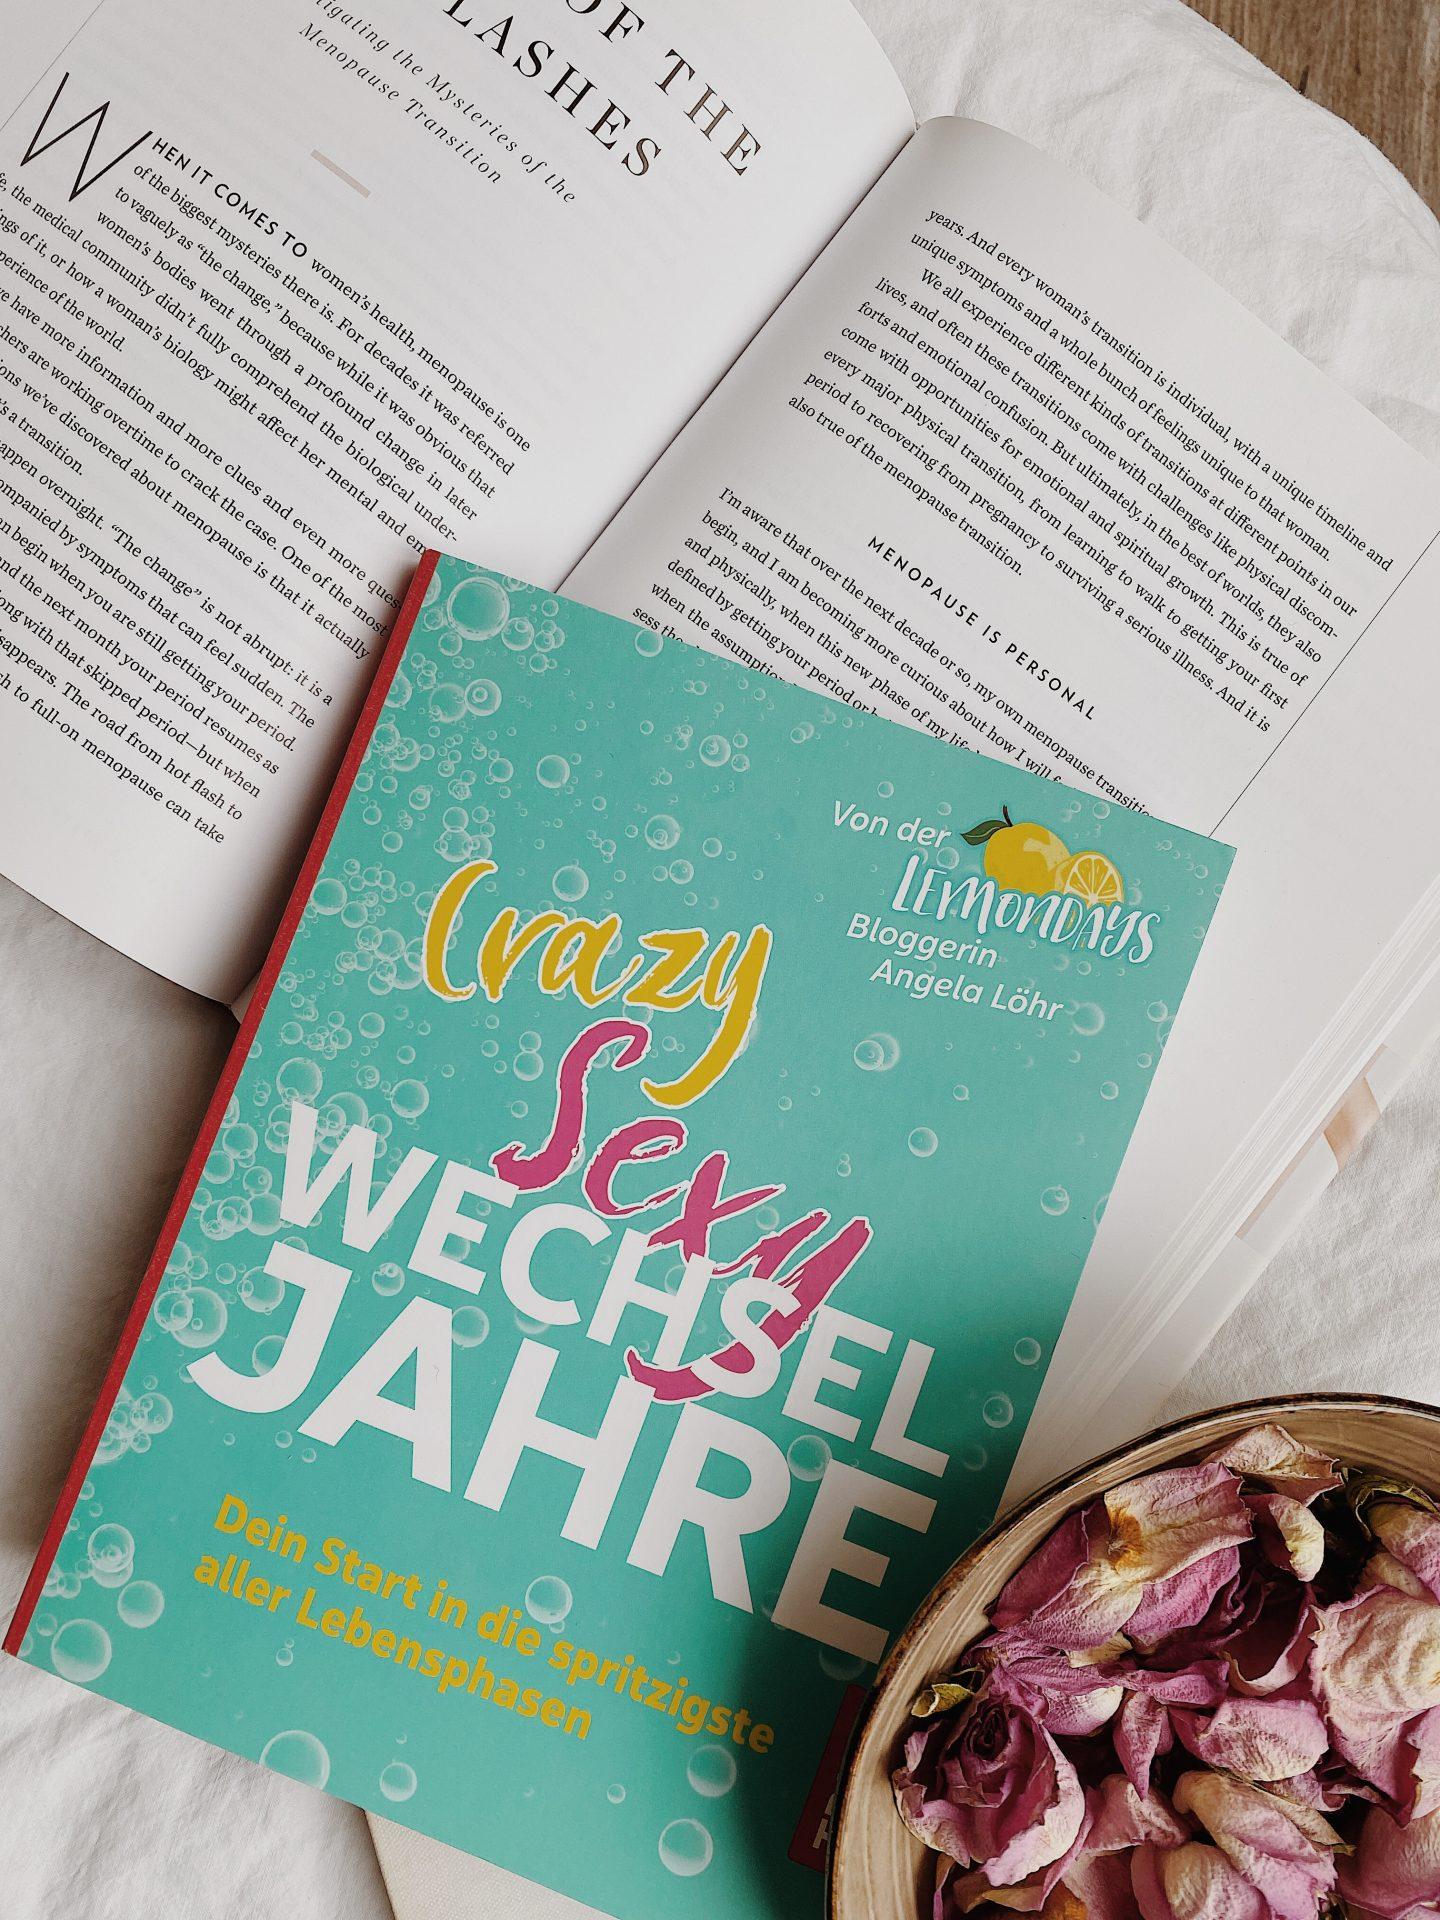 Crazy Sexy Wechseljahre-Gela-Löhr-Buch